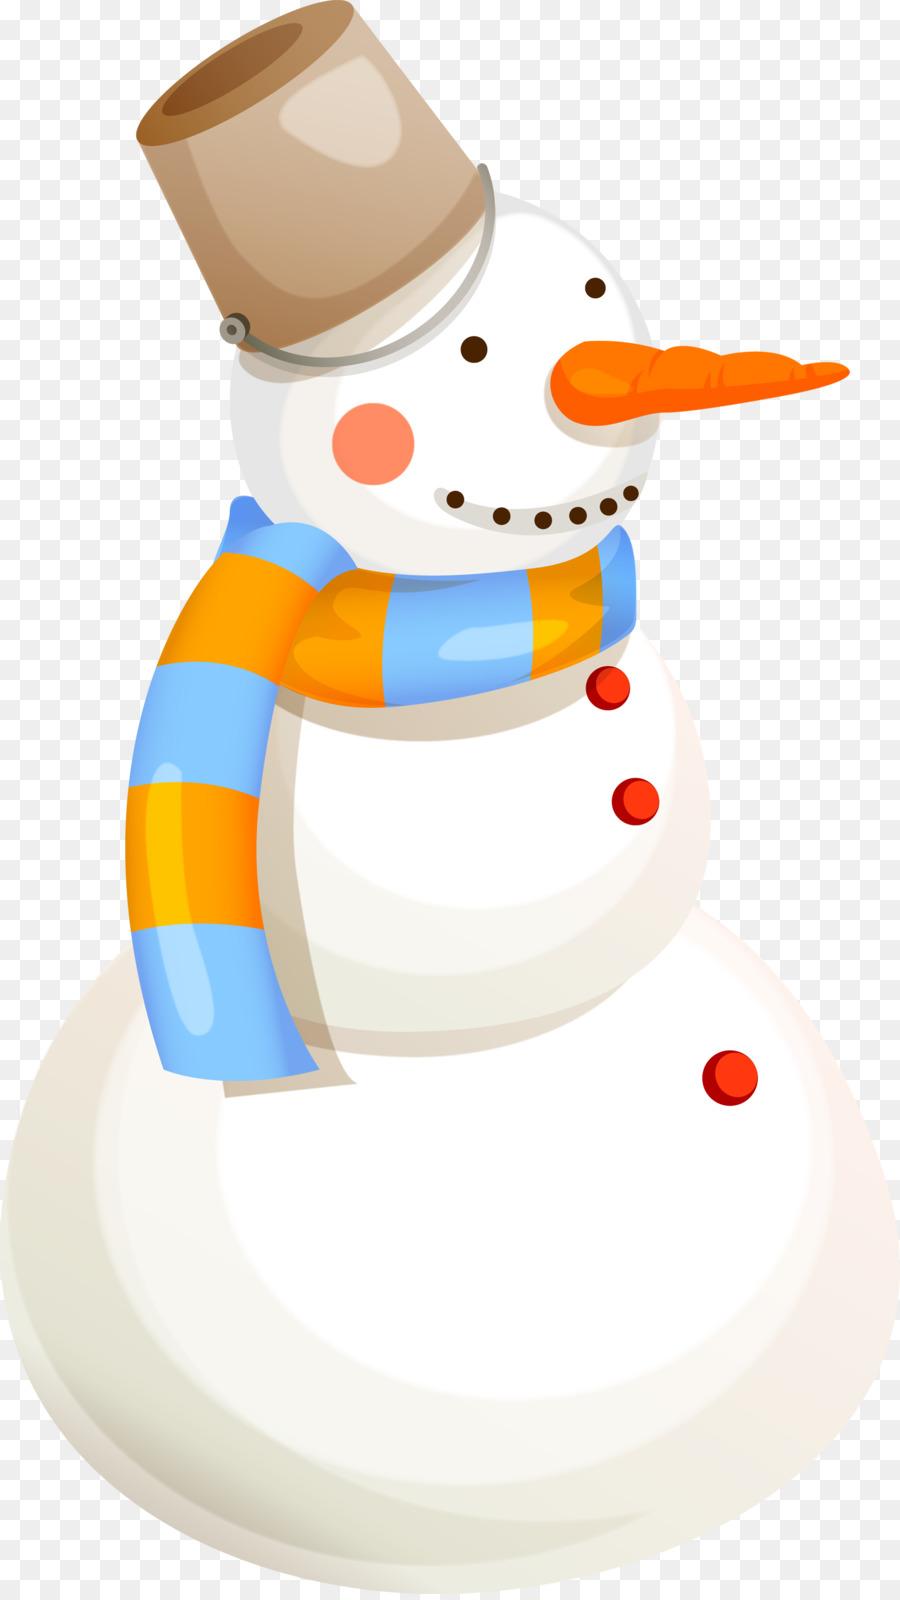 Descarga gratuita de Muñeco De Nieve, Ded Moroz, Jack Frost imágenes PNG